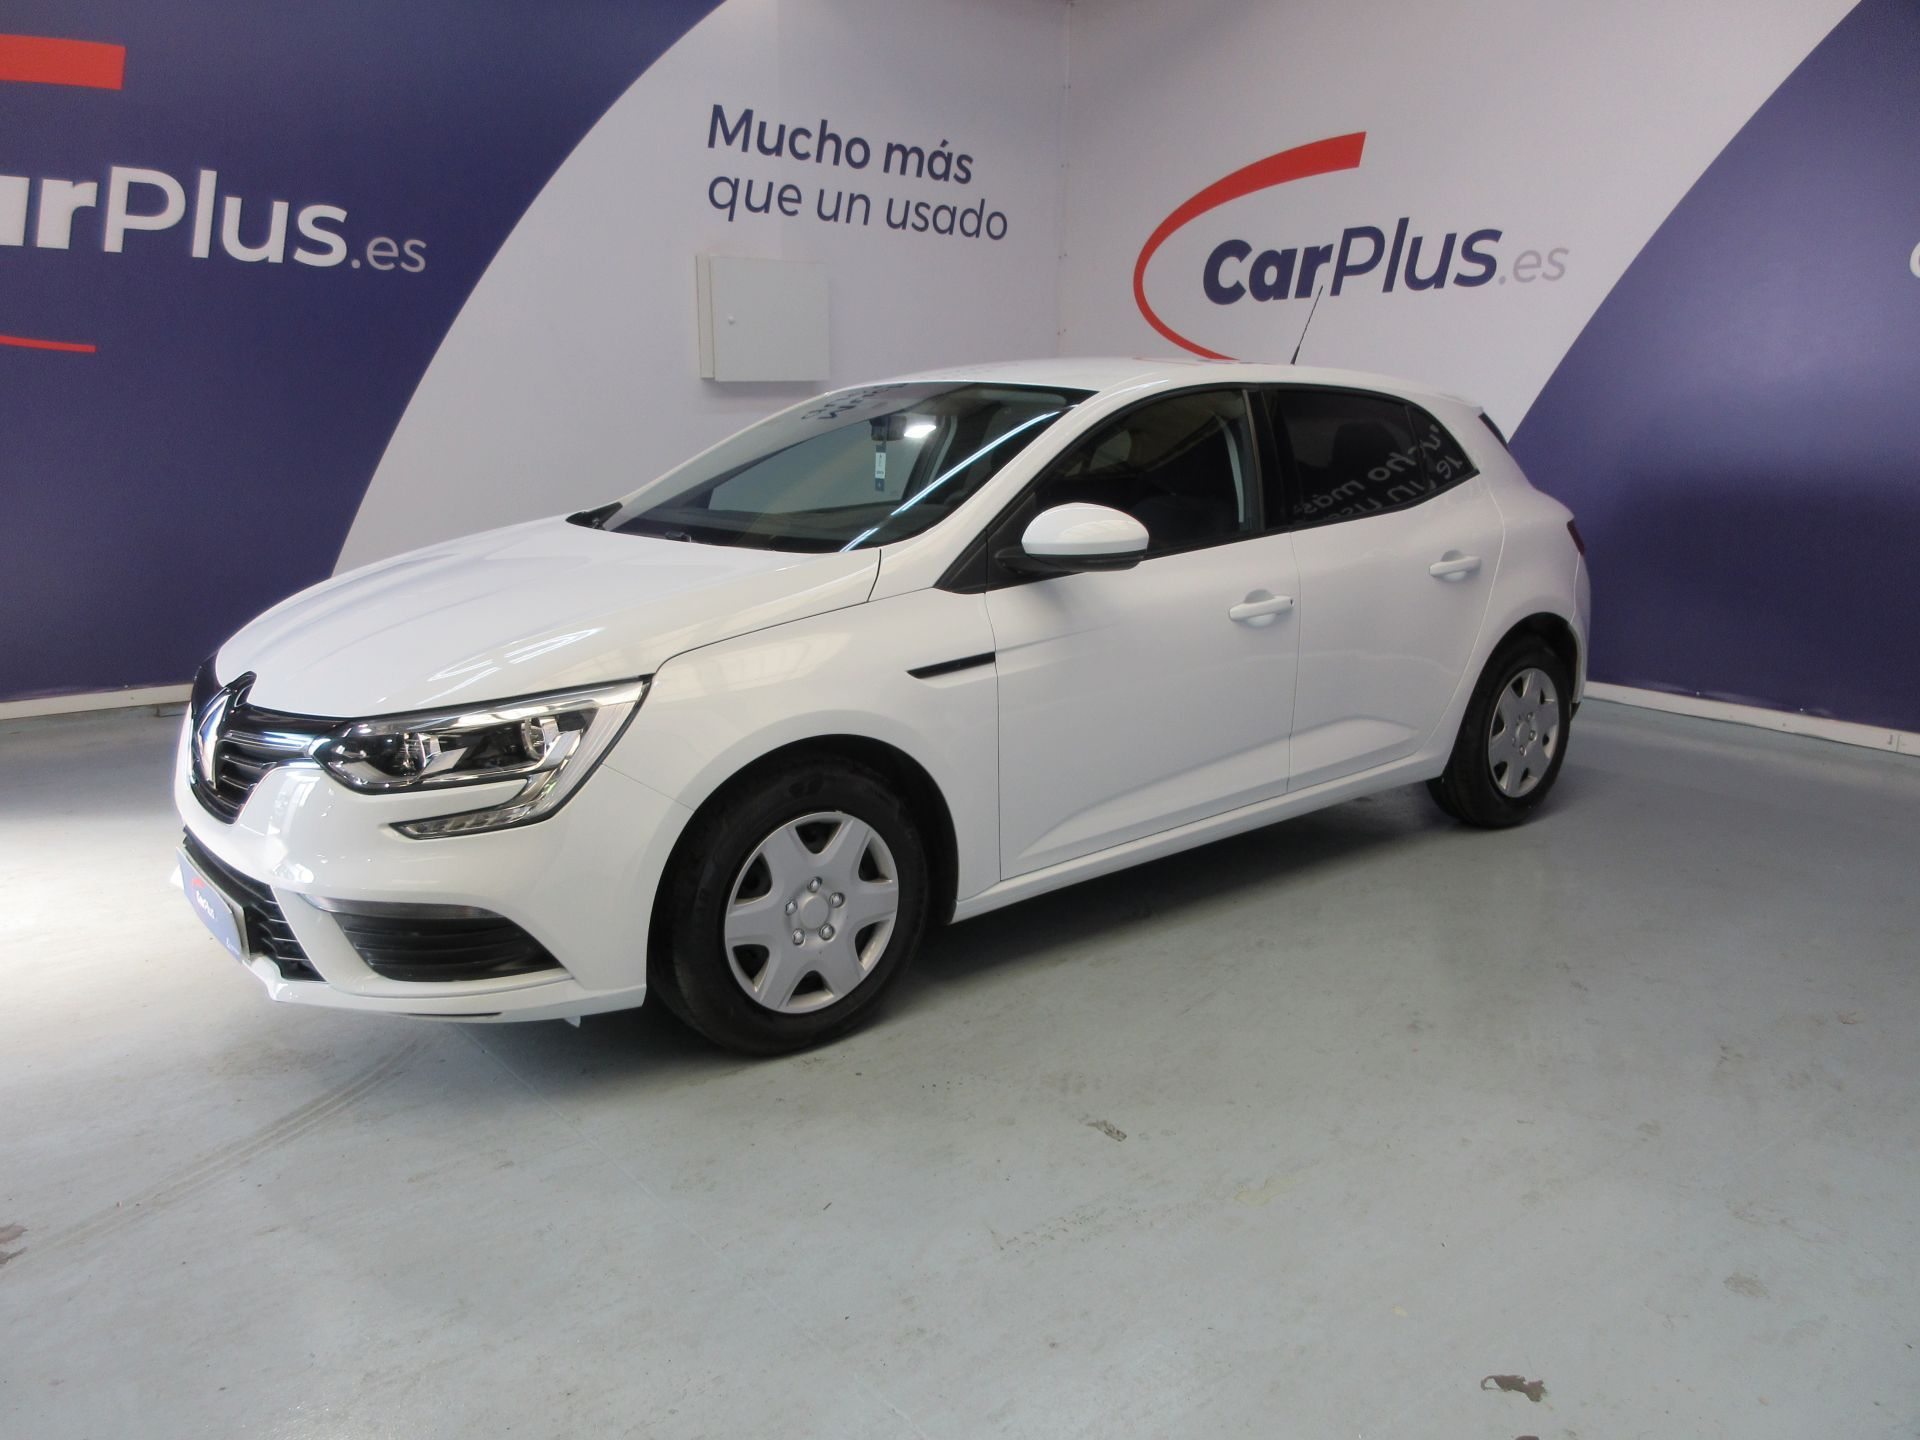 Renault Megane ocasión segunda mano 2017 Diésel por 10.990€ en Madrid